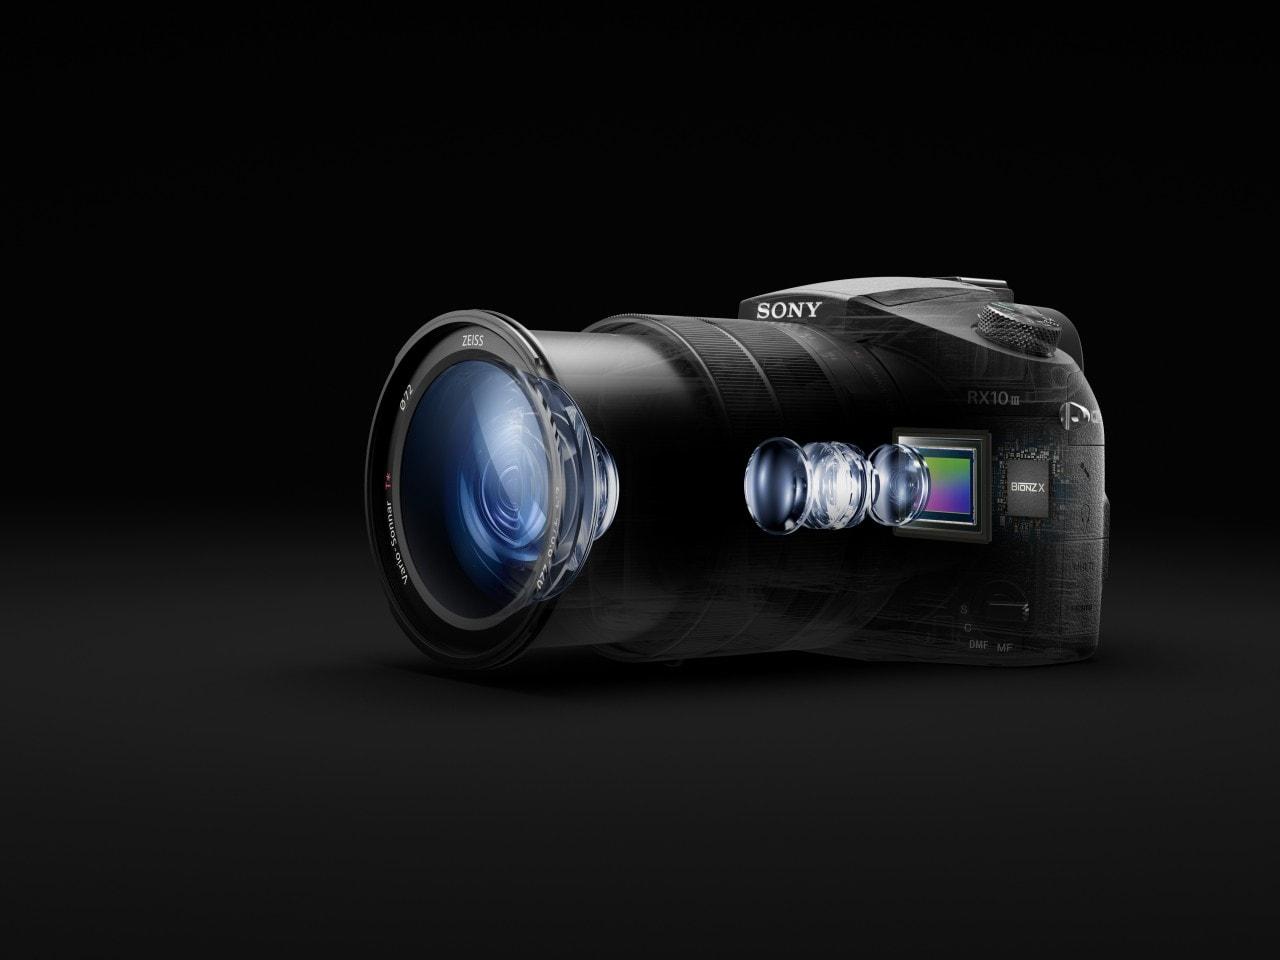 Sony DSC-RX10 III_3